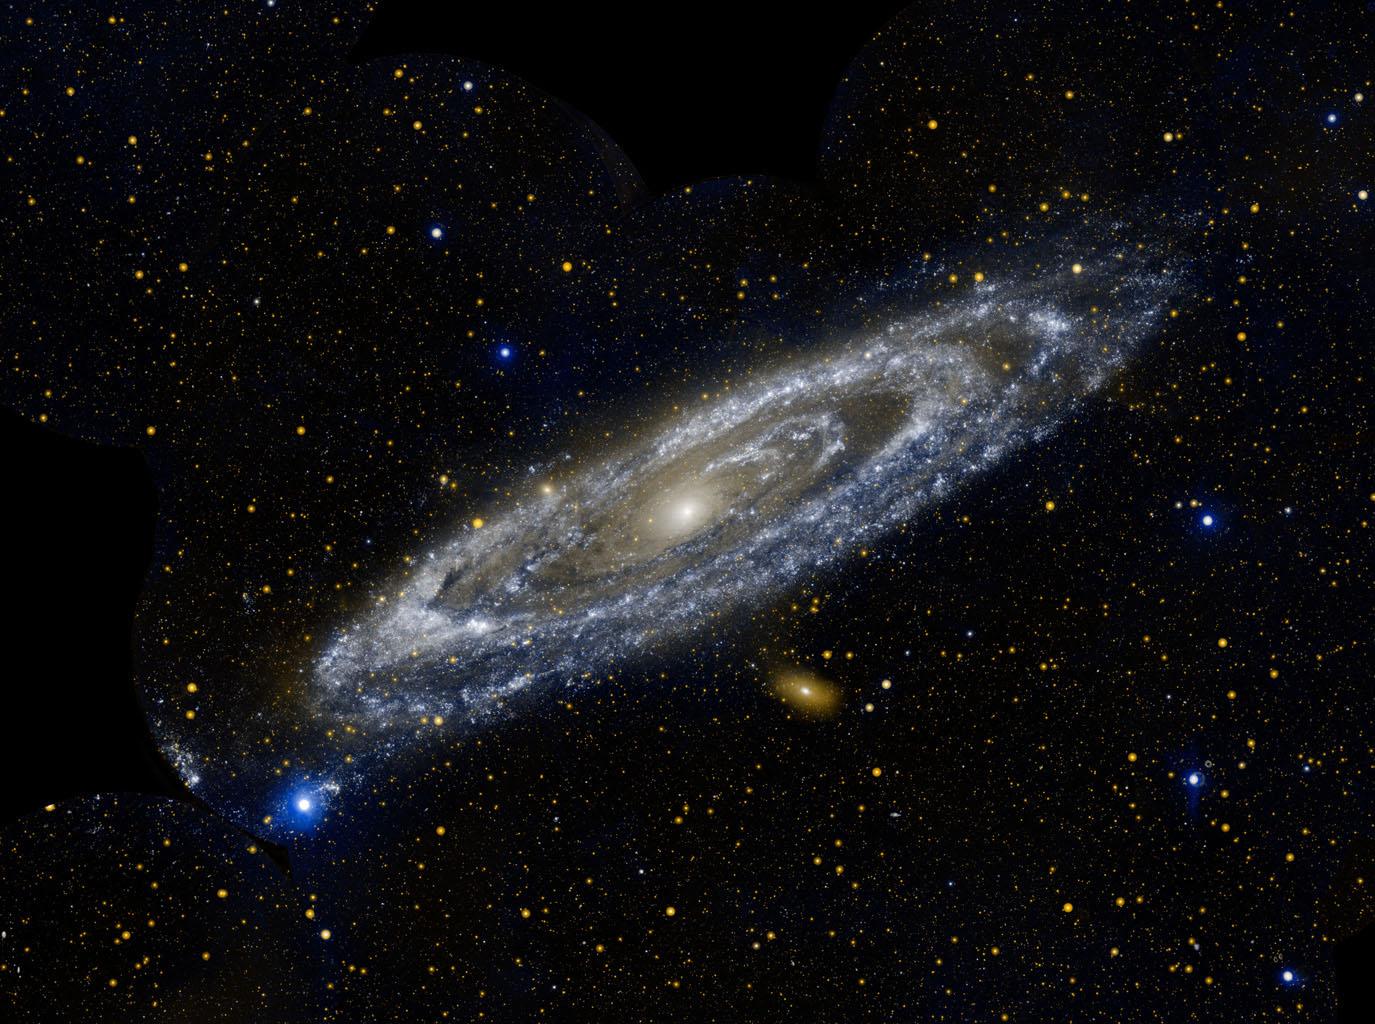 Галактика Андромеда снимок NASA